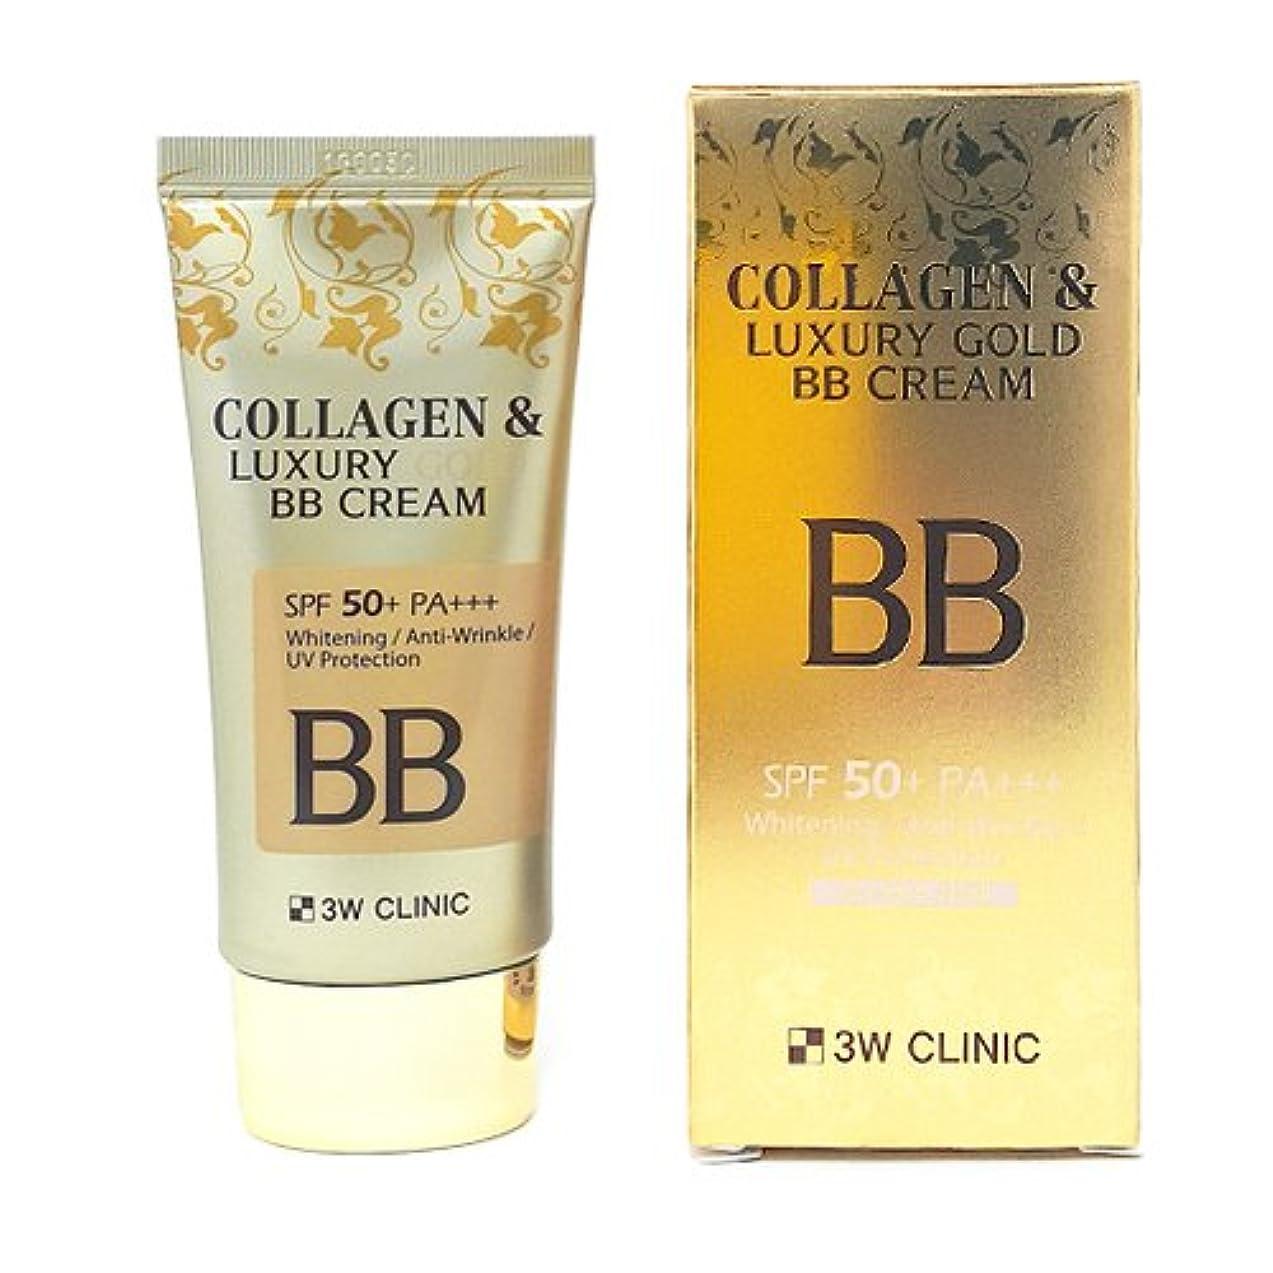 狐ケージガラス3Wクリニック[韓国コスメ3w Clinic]Collagen & Luxury Gold BB Cream コラーゲンラグジュアリーゴールド BBクリーム50ml 50+/PA+++[並行輸入品]